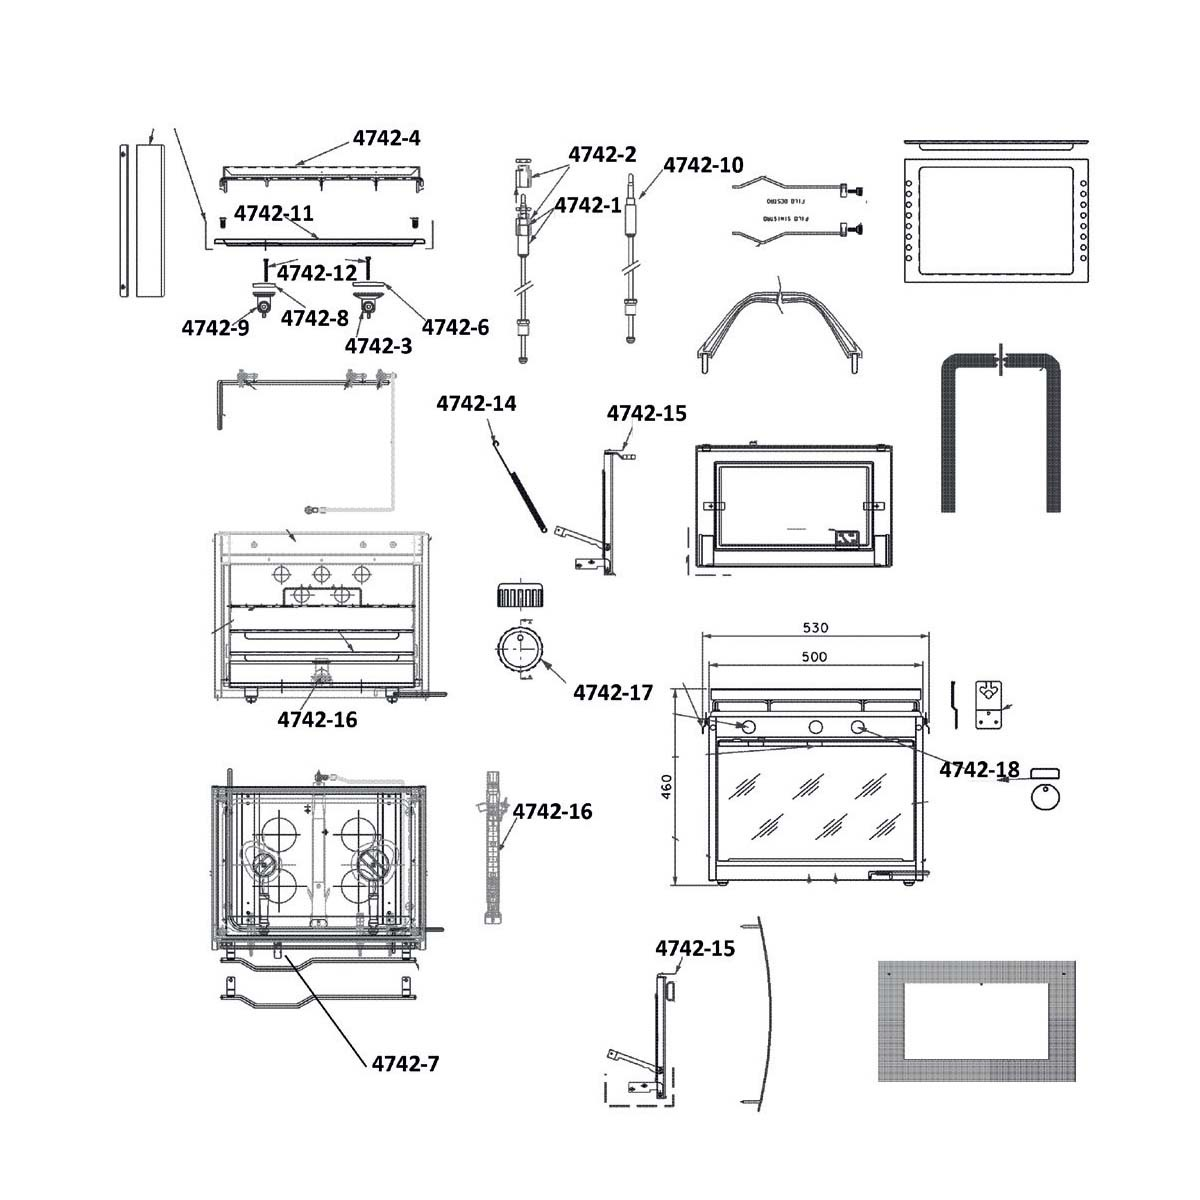 12.45 - Μαύρο Πλαστικό Κουμπί Εστίας 35x13 - Ανταλλακτικό Κουζίνας